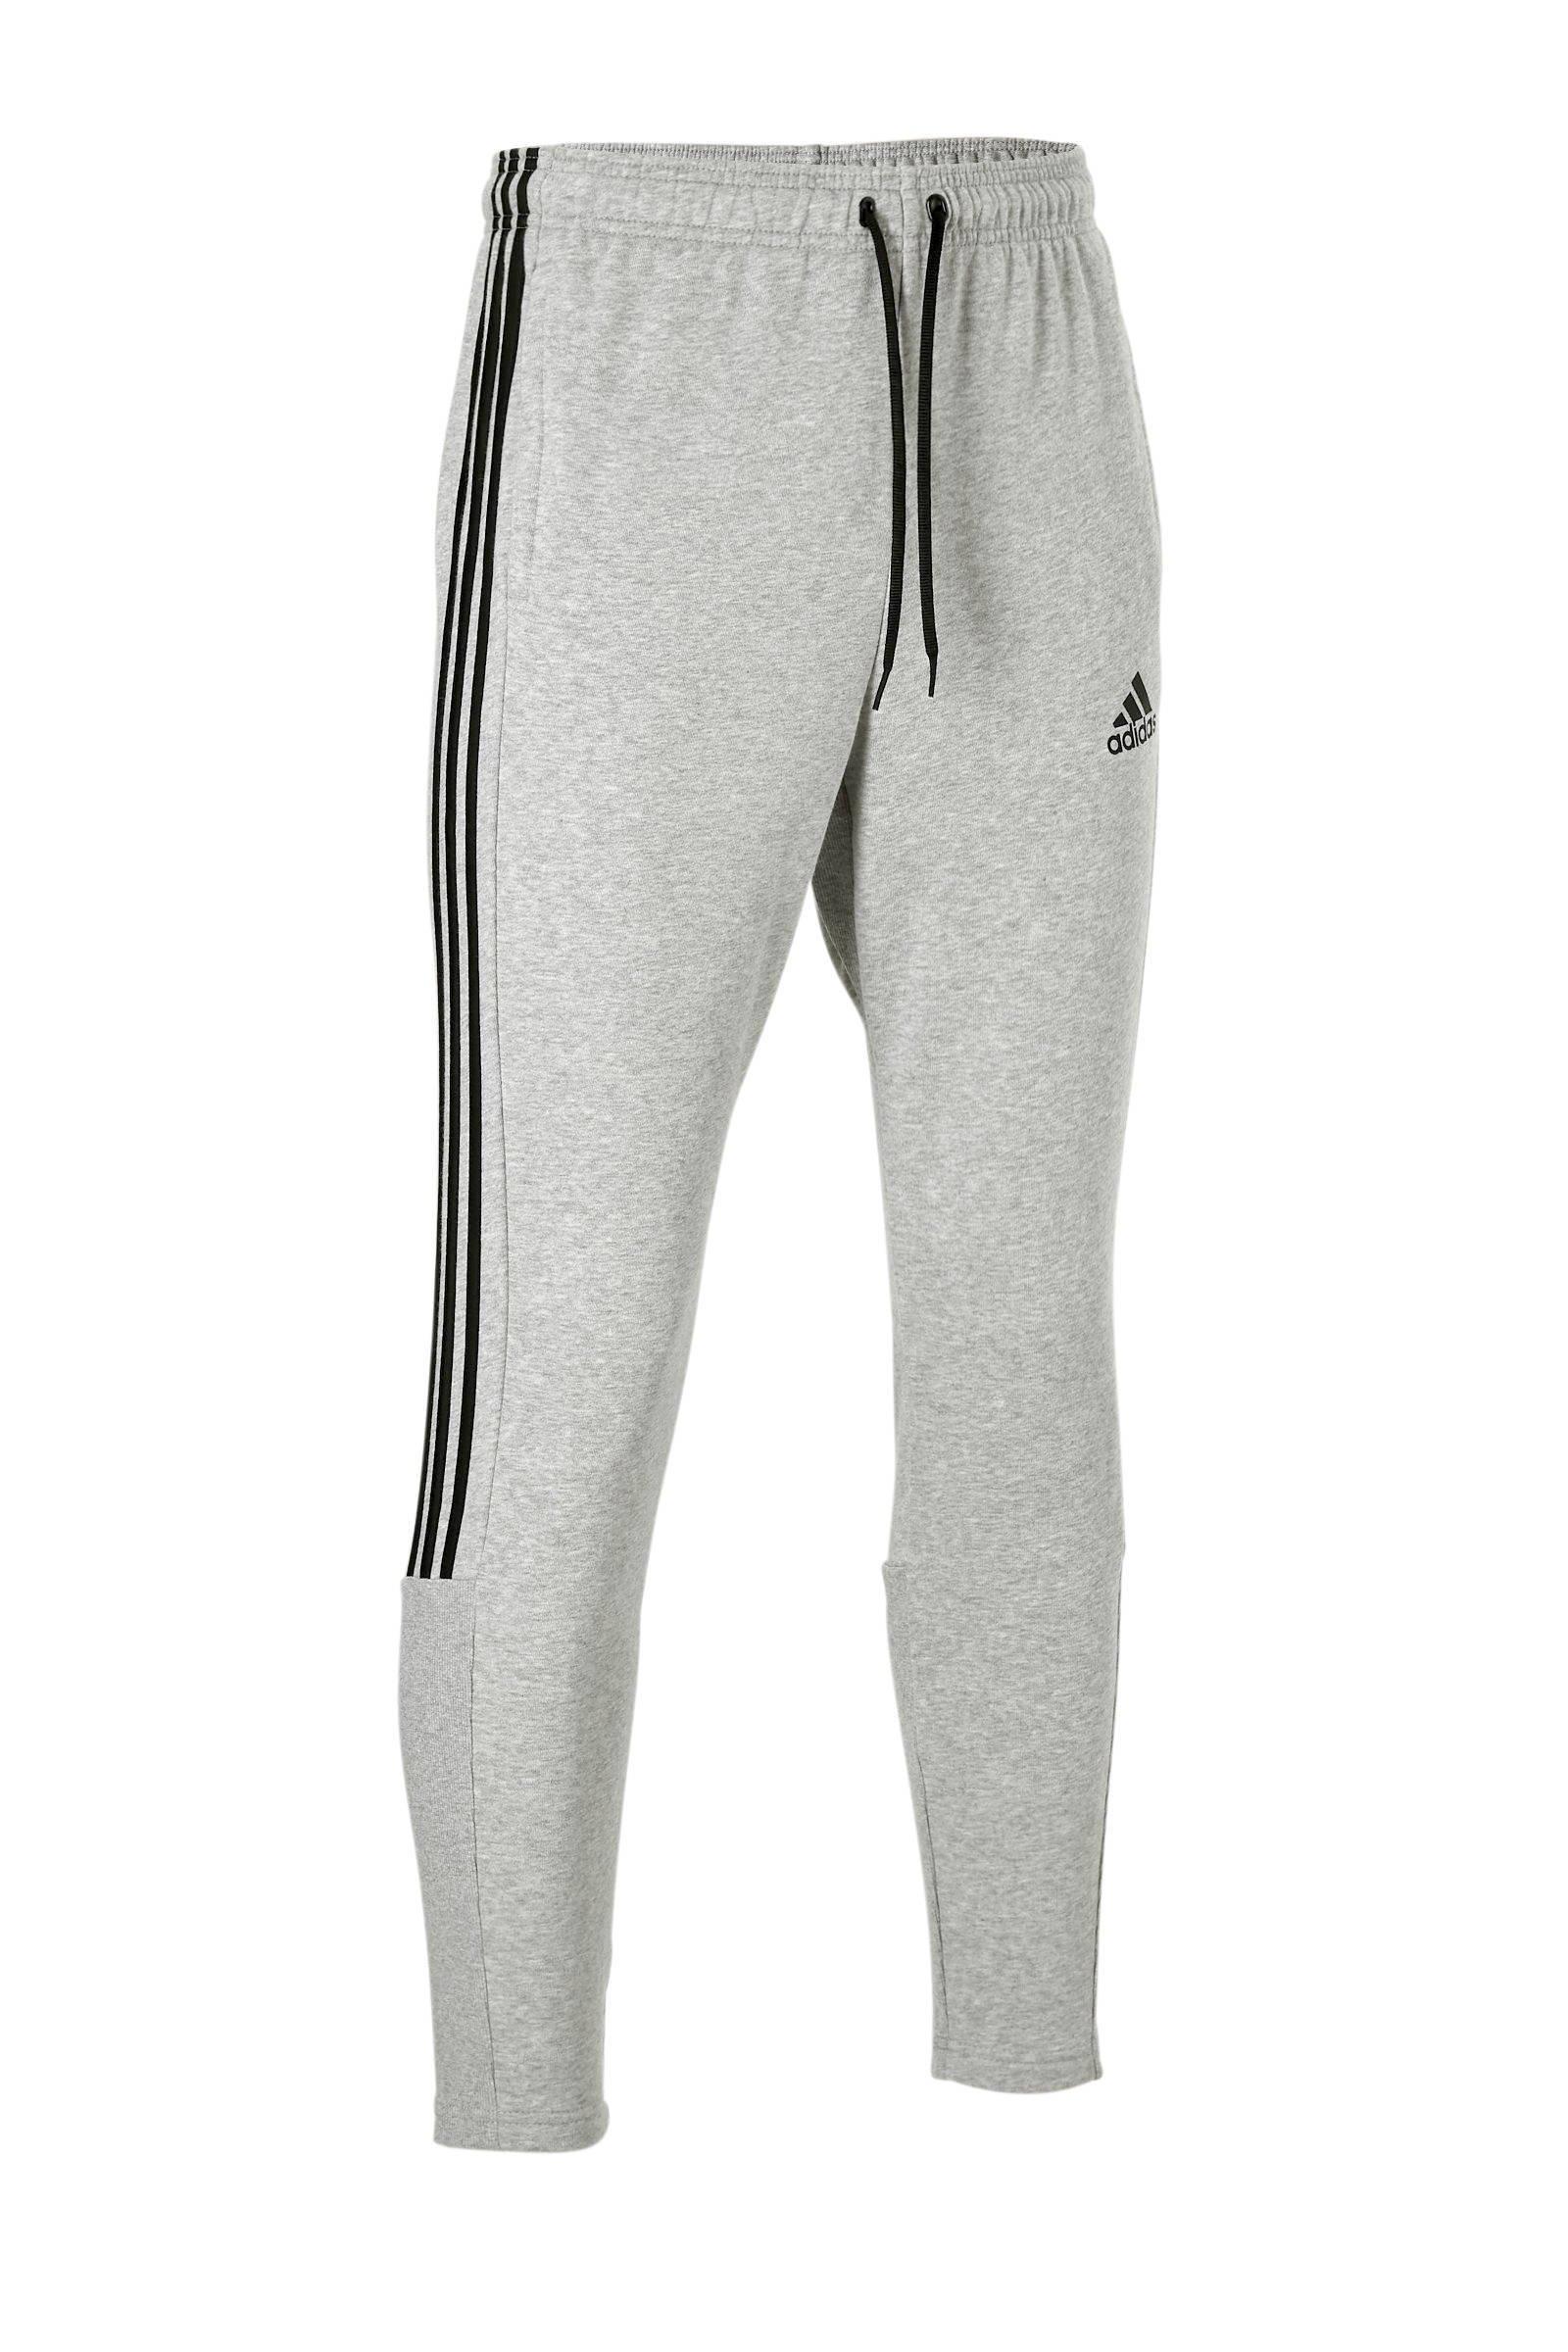 regular fit joggingbroek met logo grijs/zwart